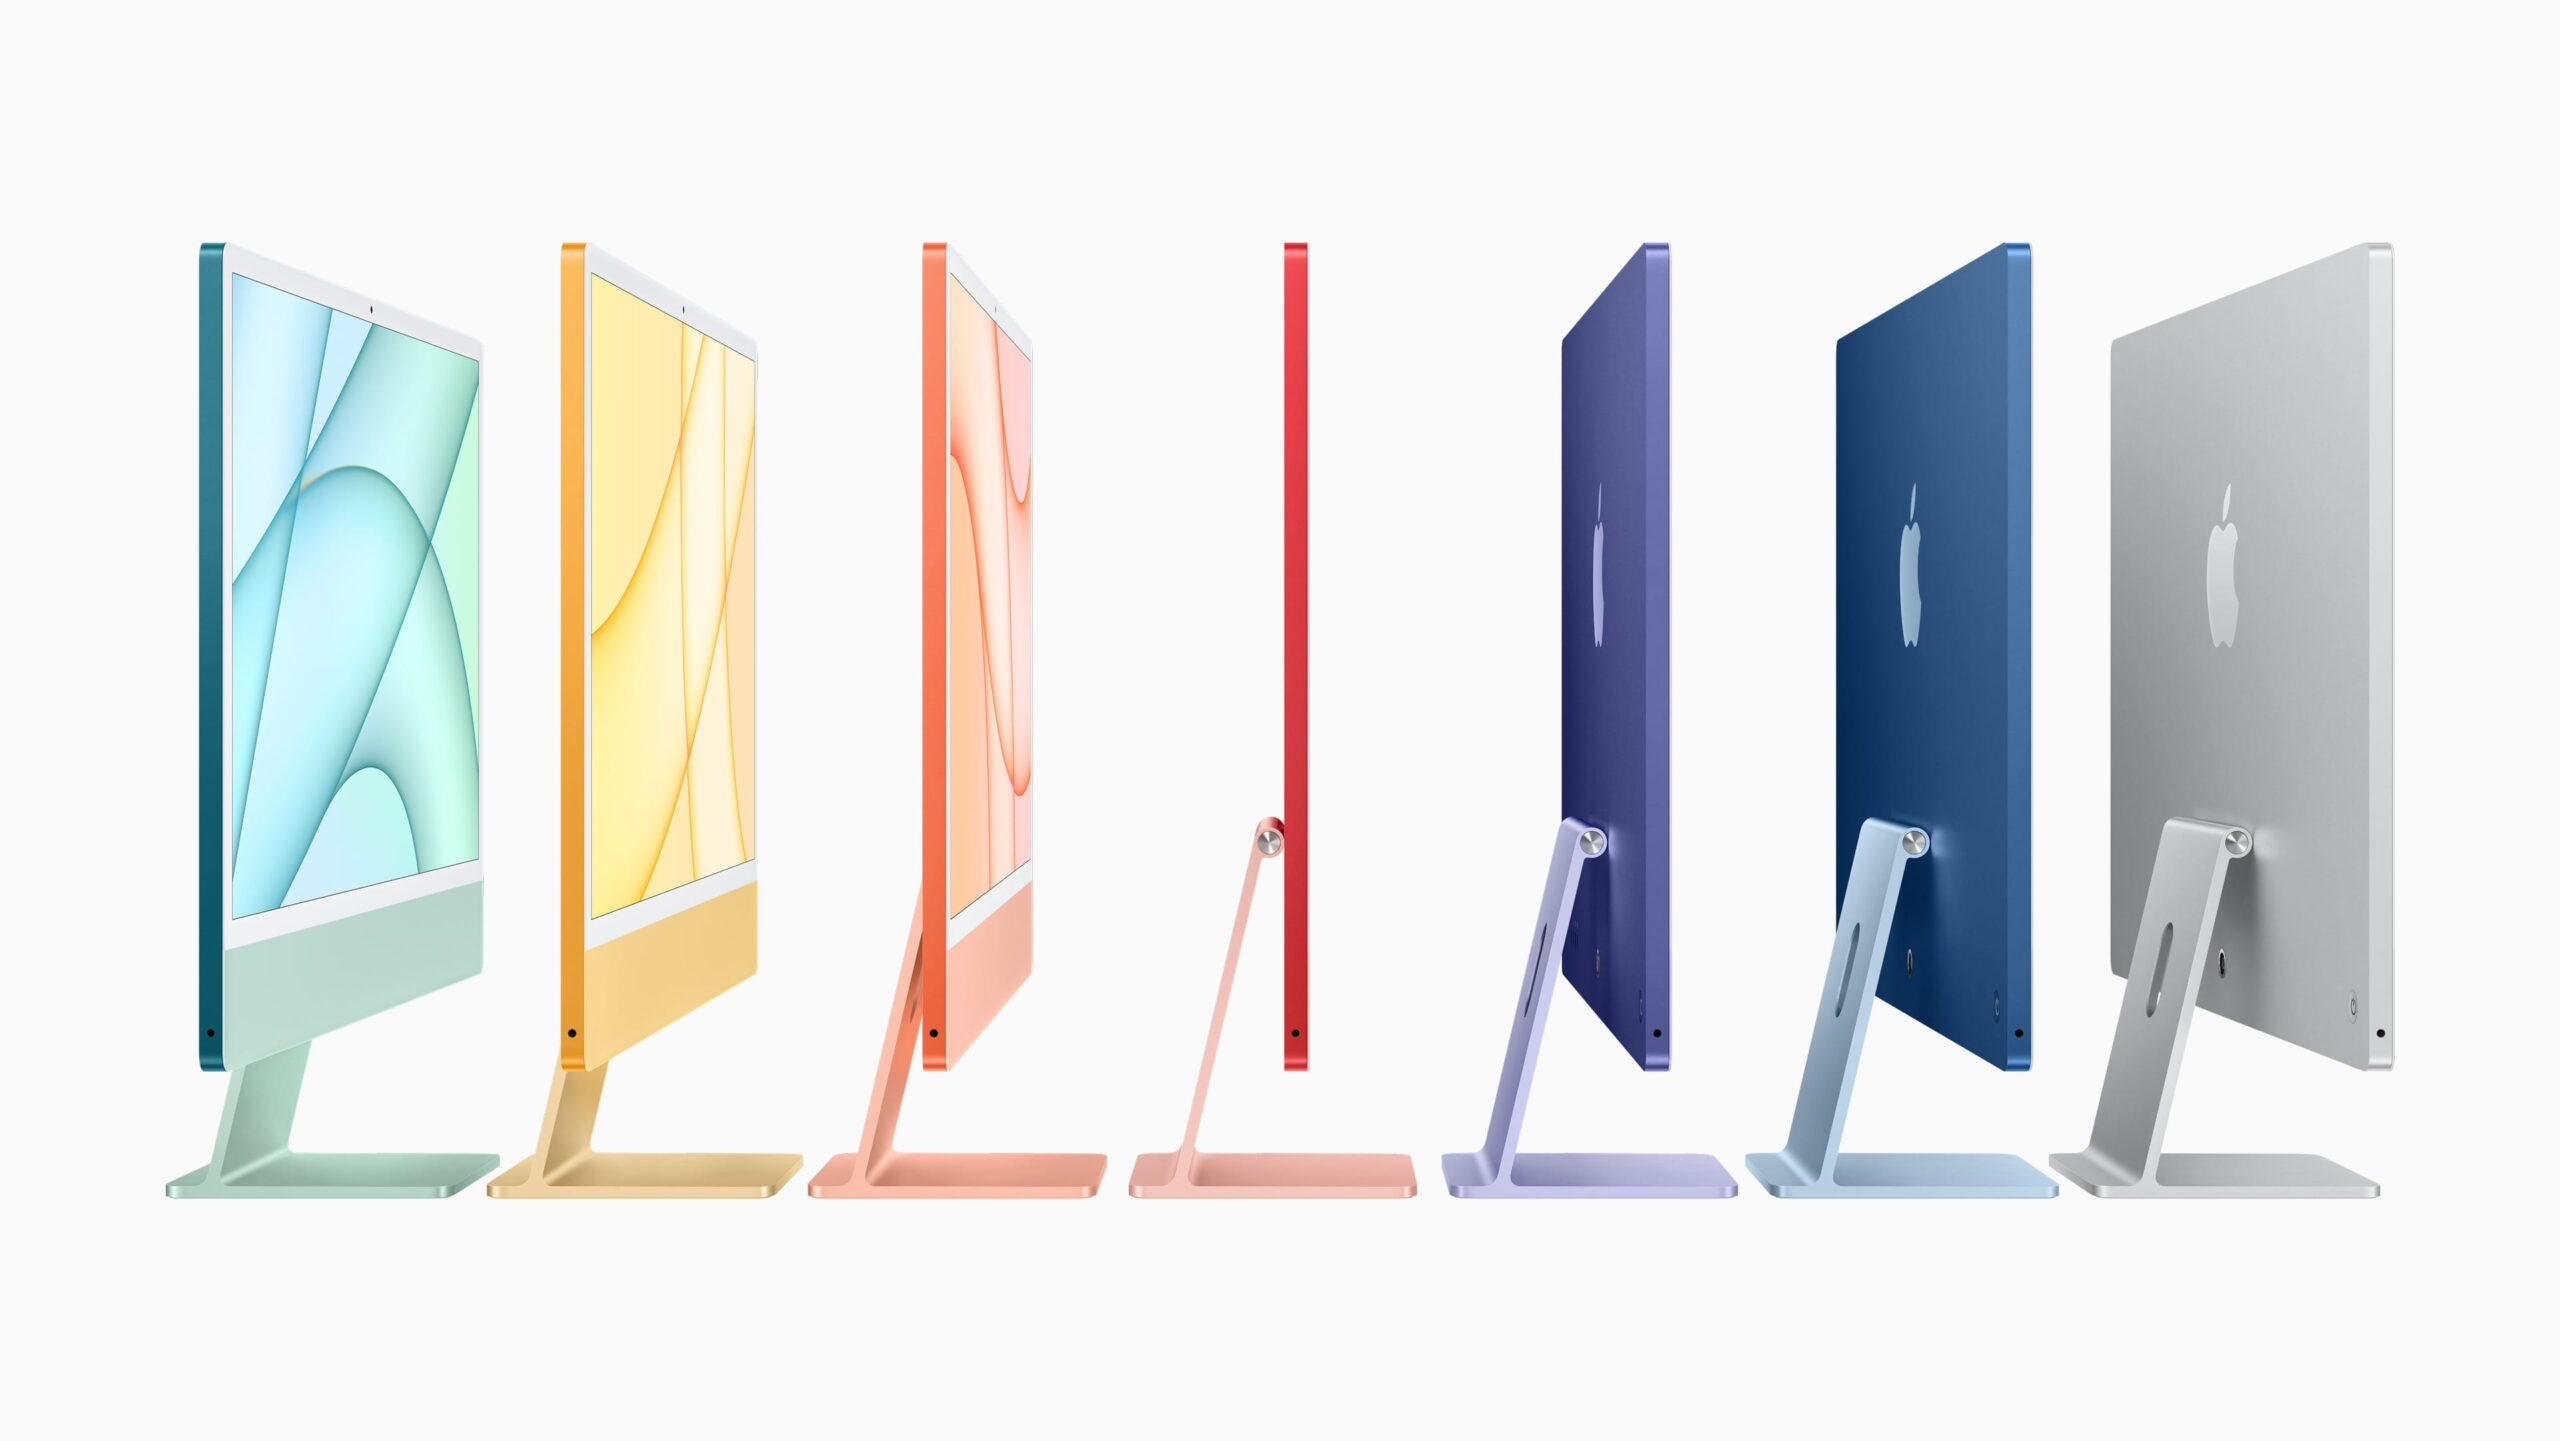 M1チップ搭載の24インチ「iMac」発表